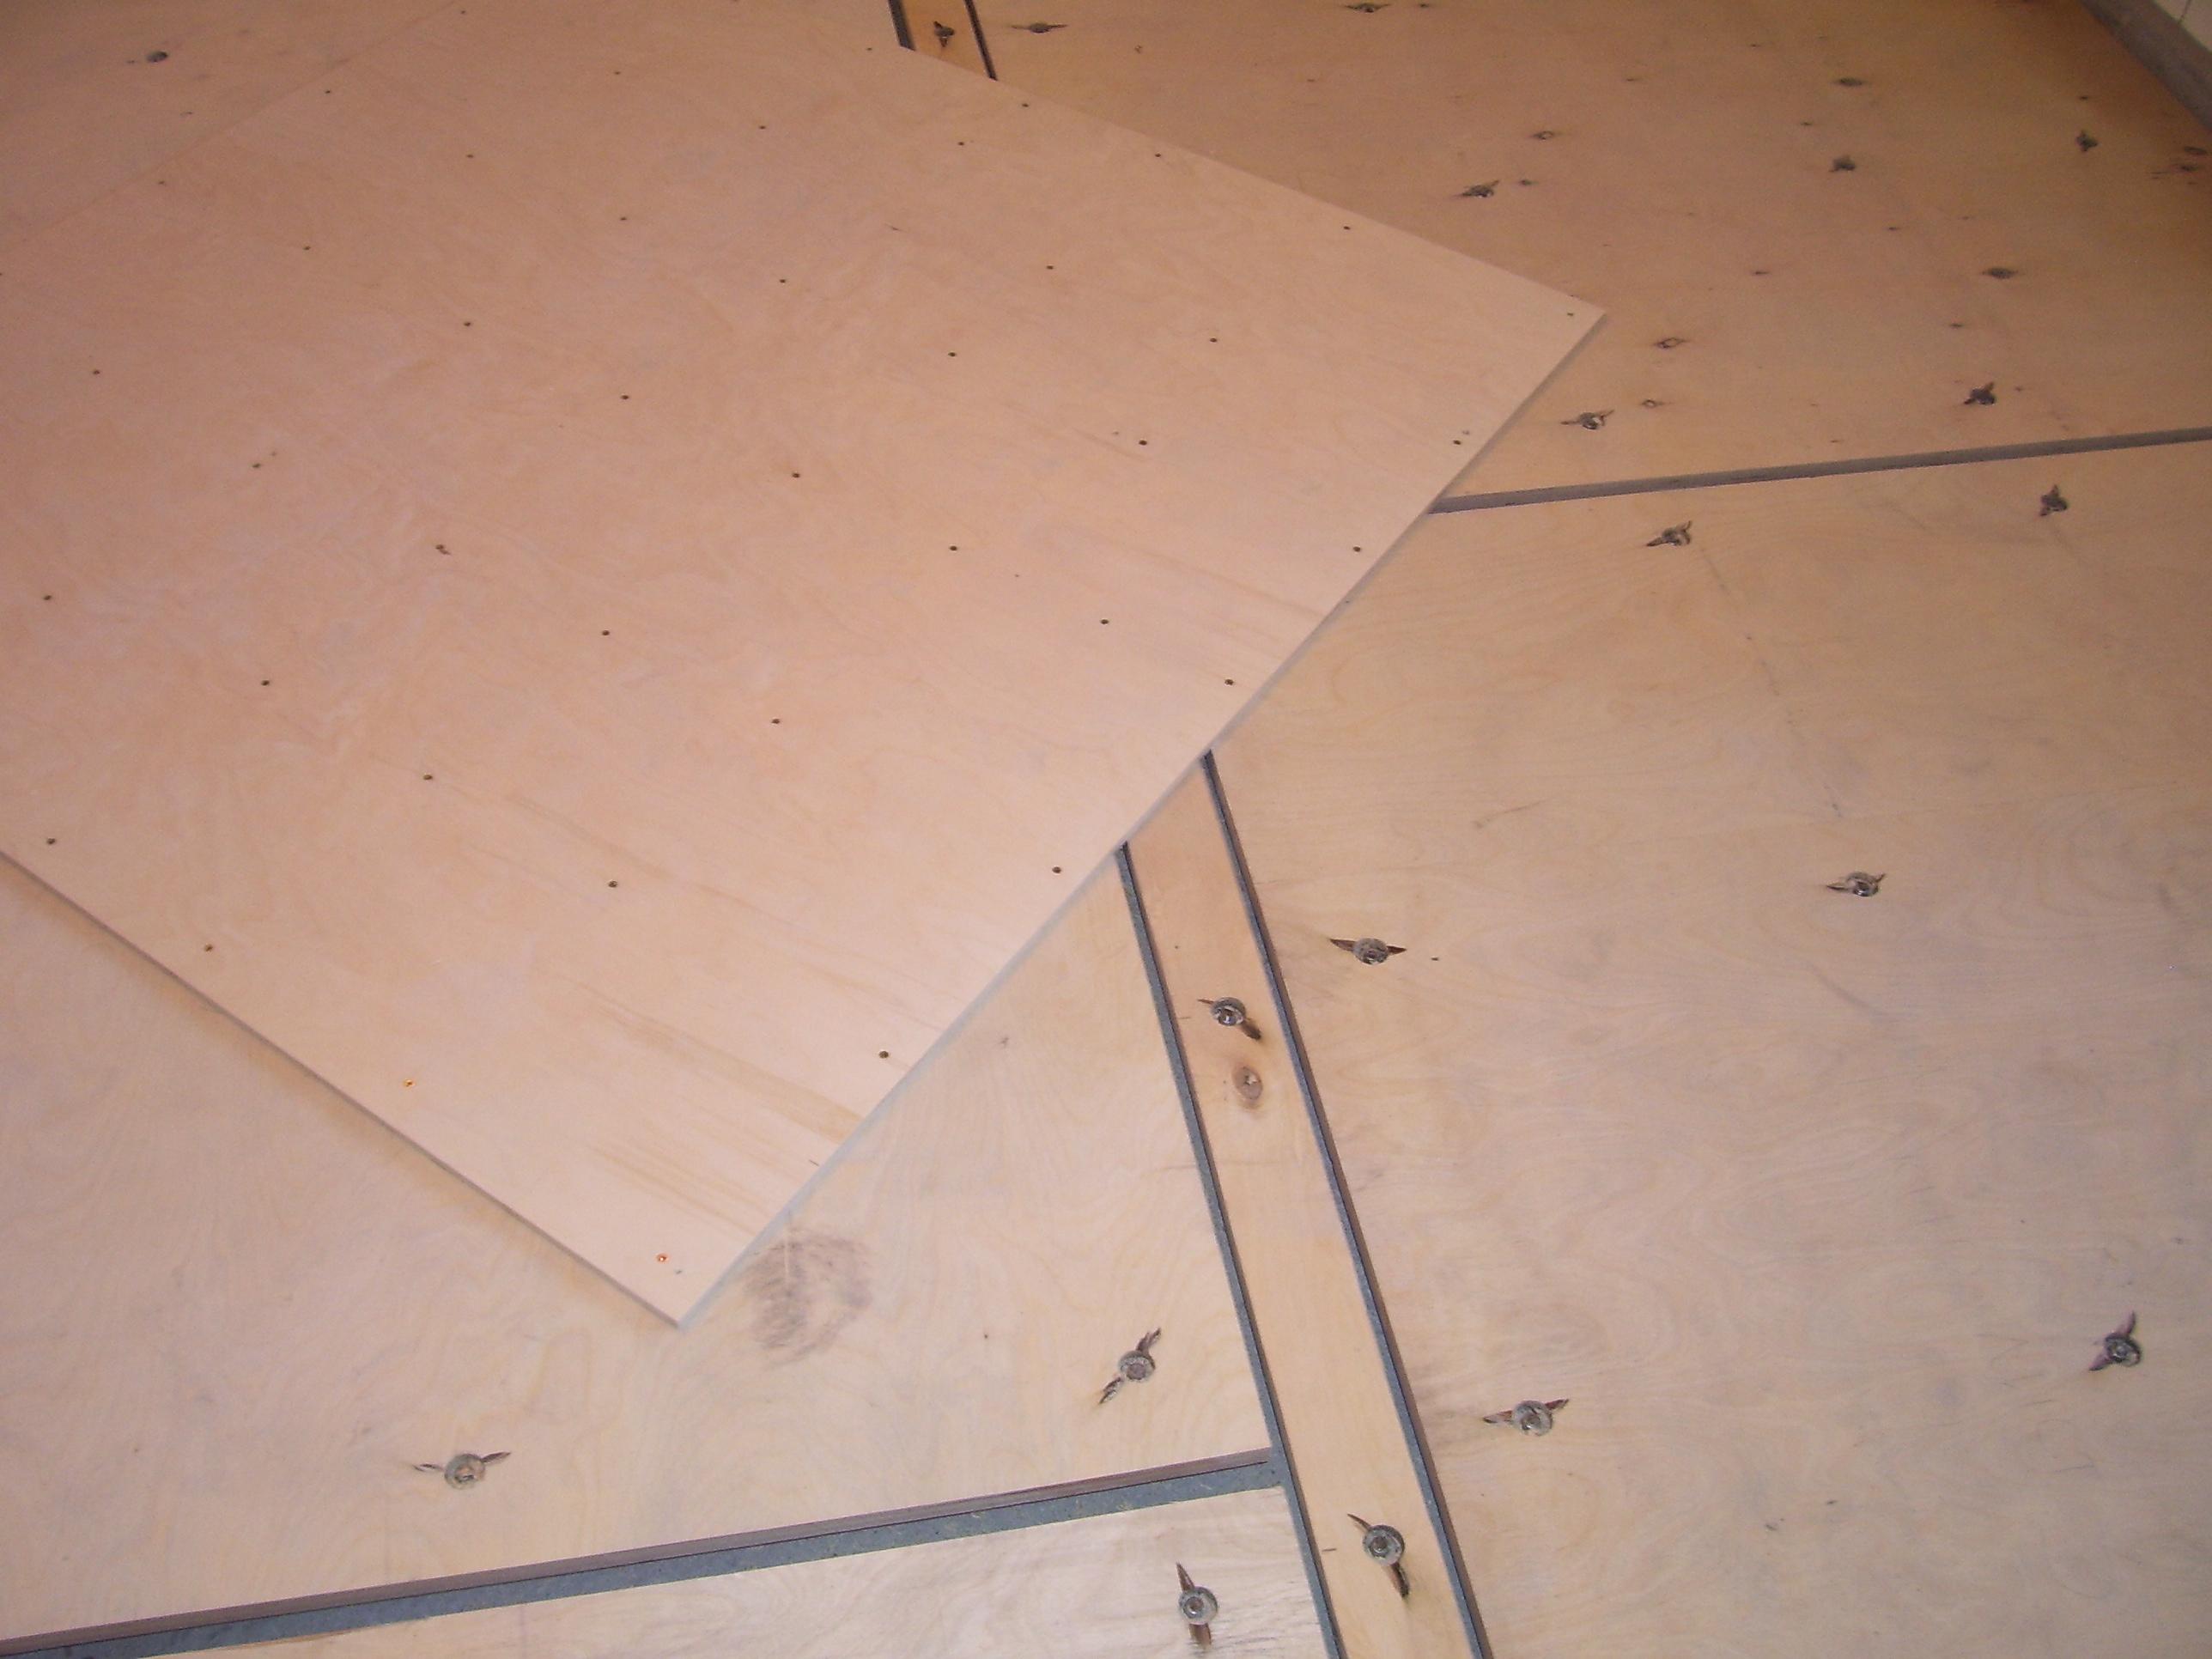 Укладка фанеры на бетонный пол своими руками: крепление 100